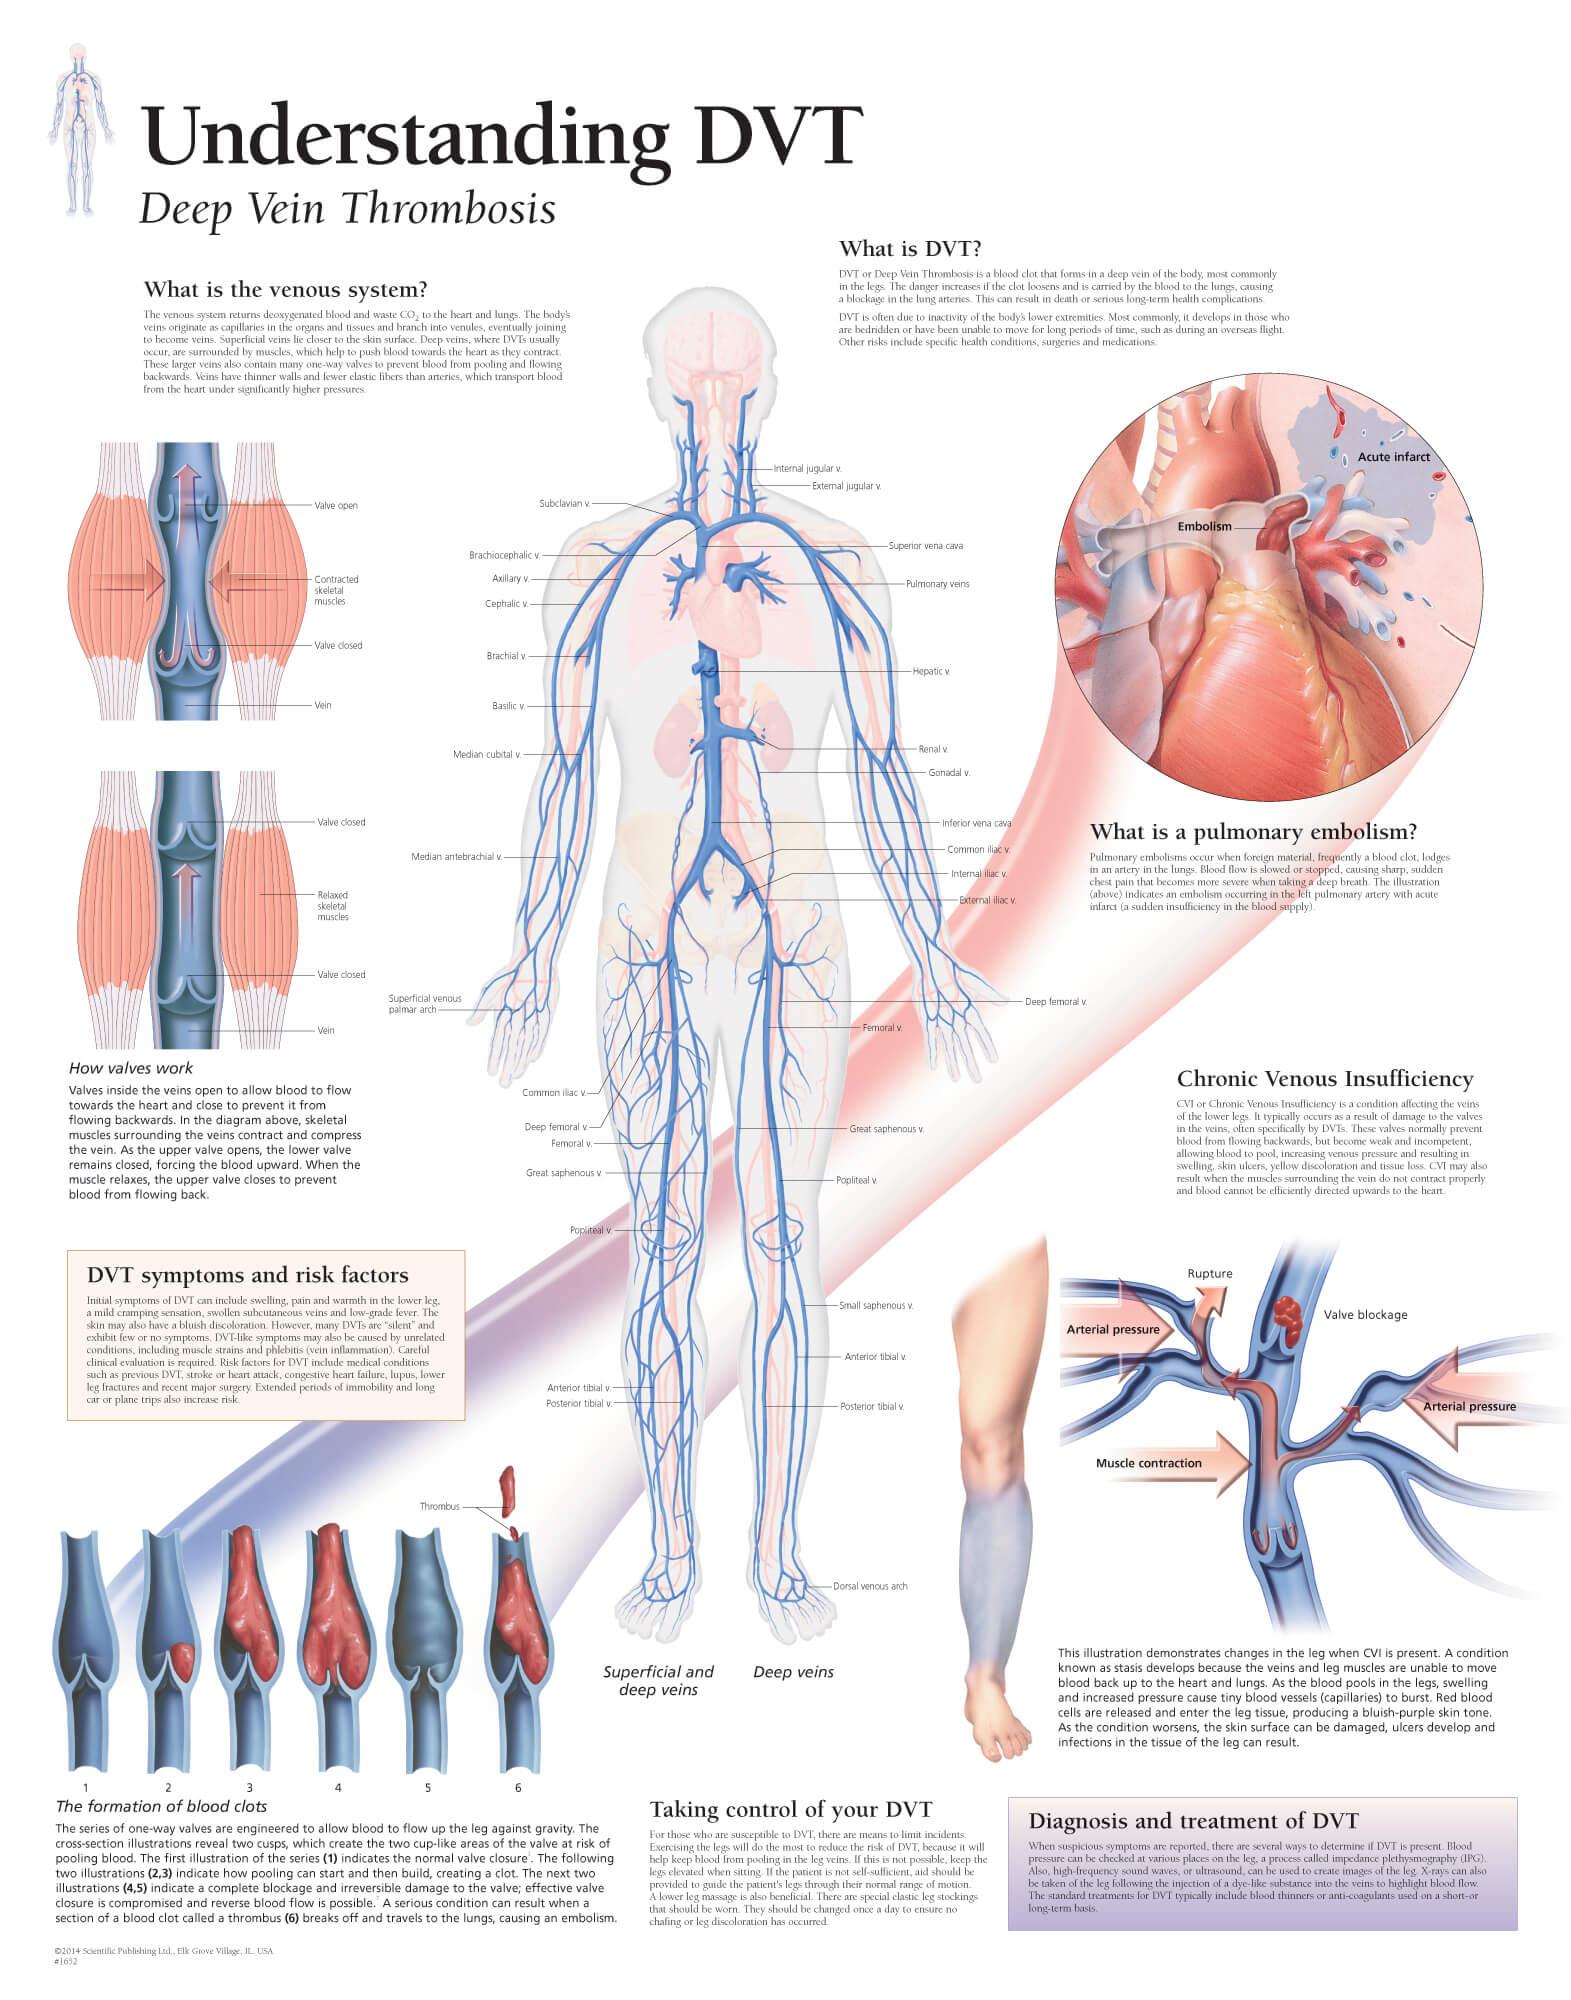 Deep Vein Thrombosis (DVT) 1652 – Anatomical Parts & Charts